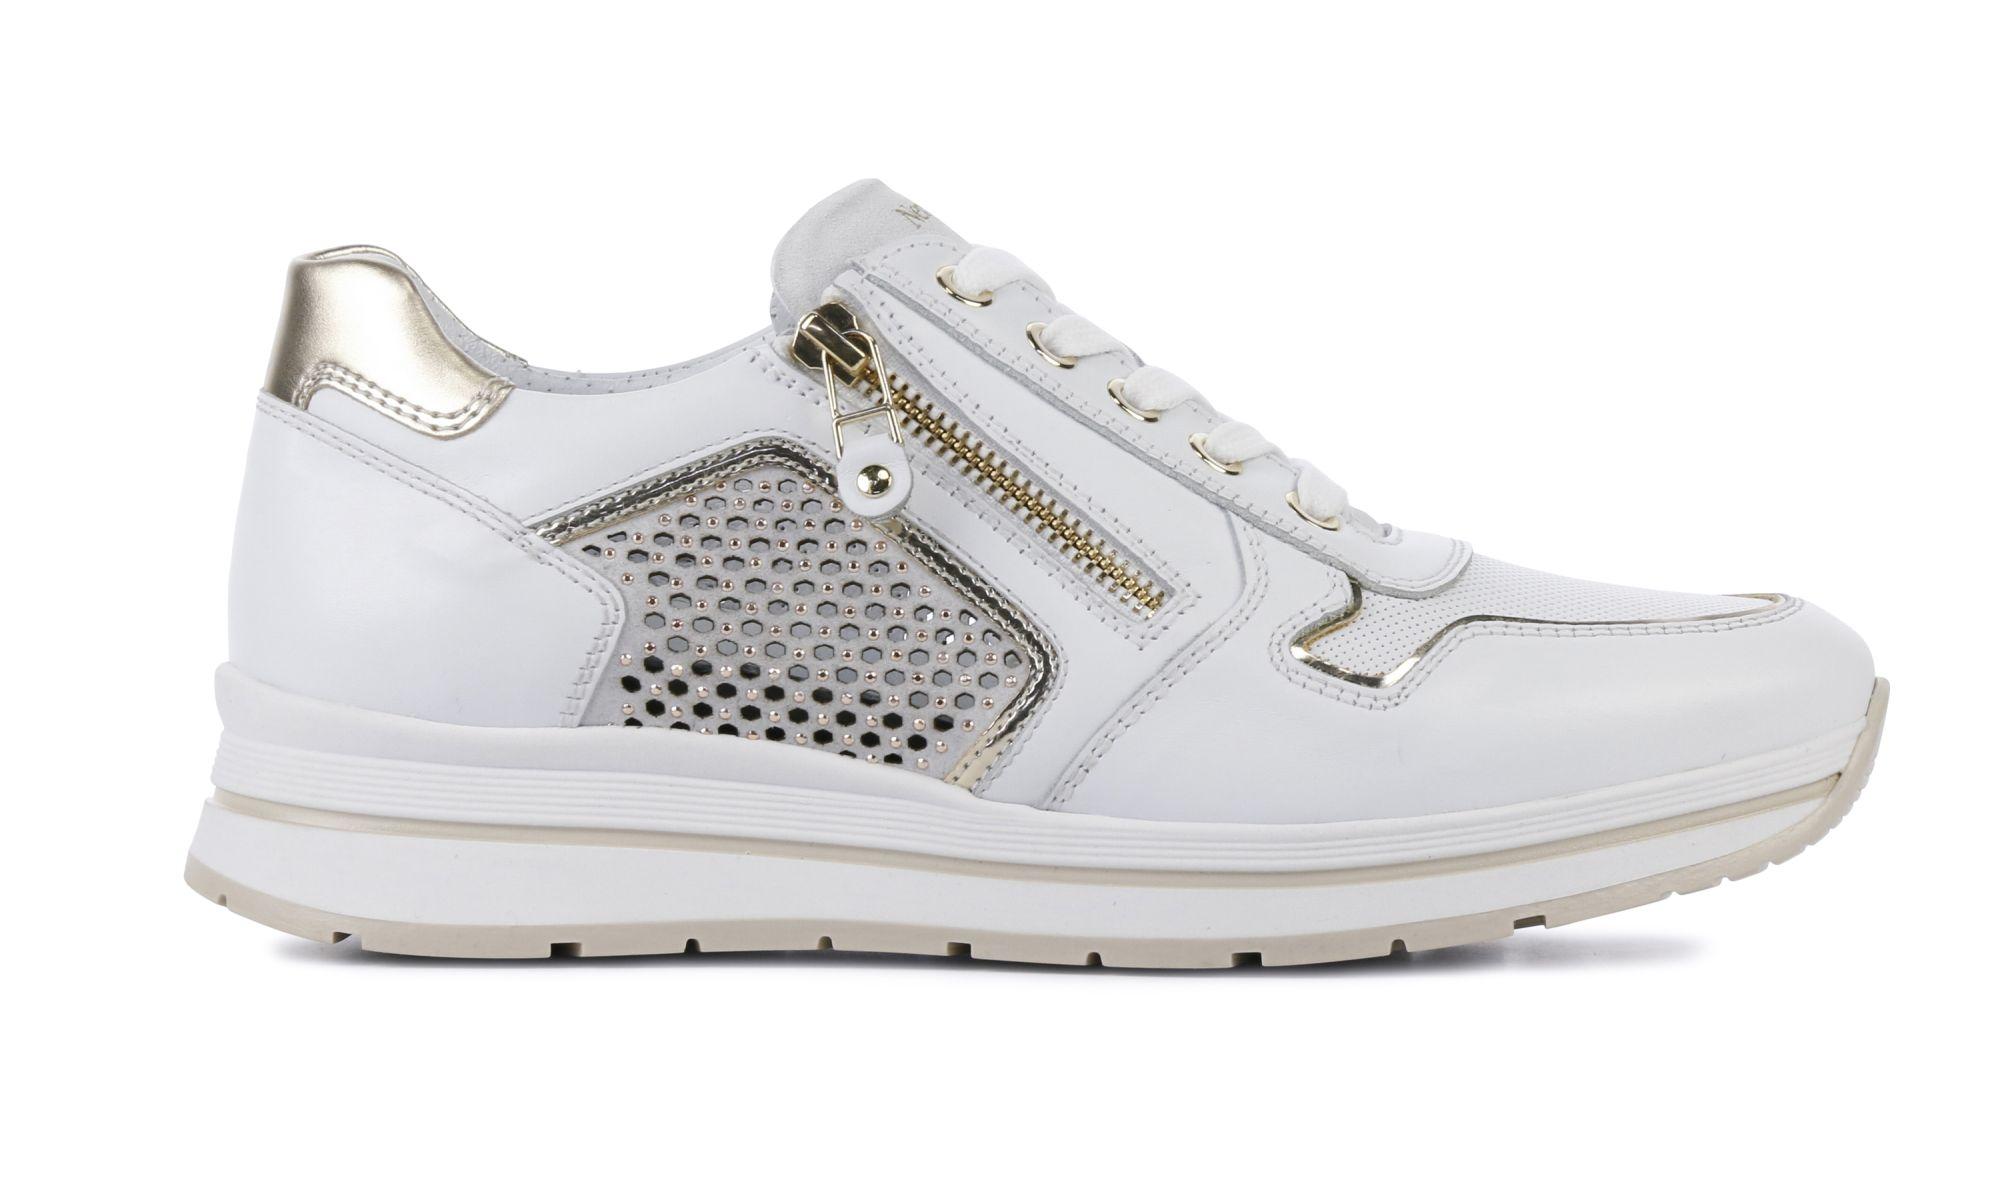 Kjøpe Billig Footlocker Målgang Sneakers Kvinner (hvit) 2018 For Salg Nettbutikk Fra Kina Utløp Opprinnelige Samlinger VUrIEM